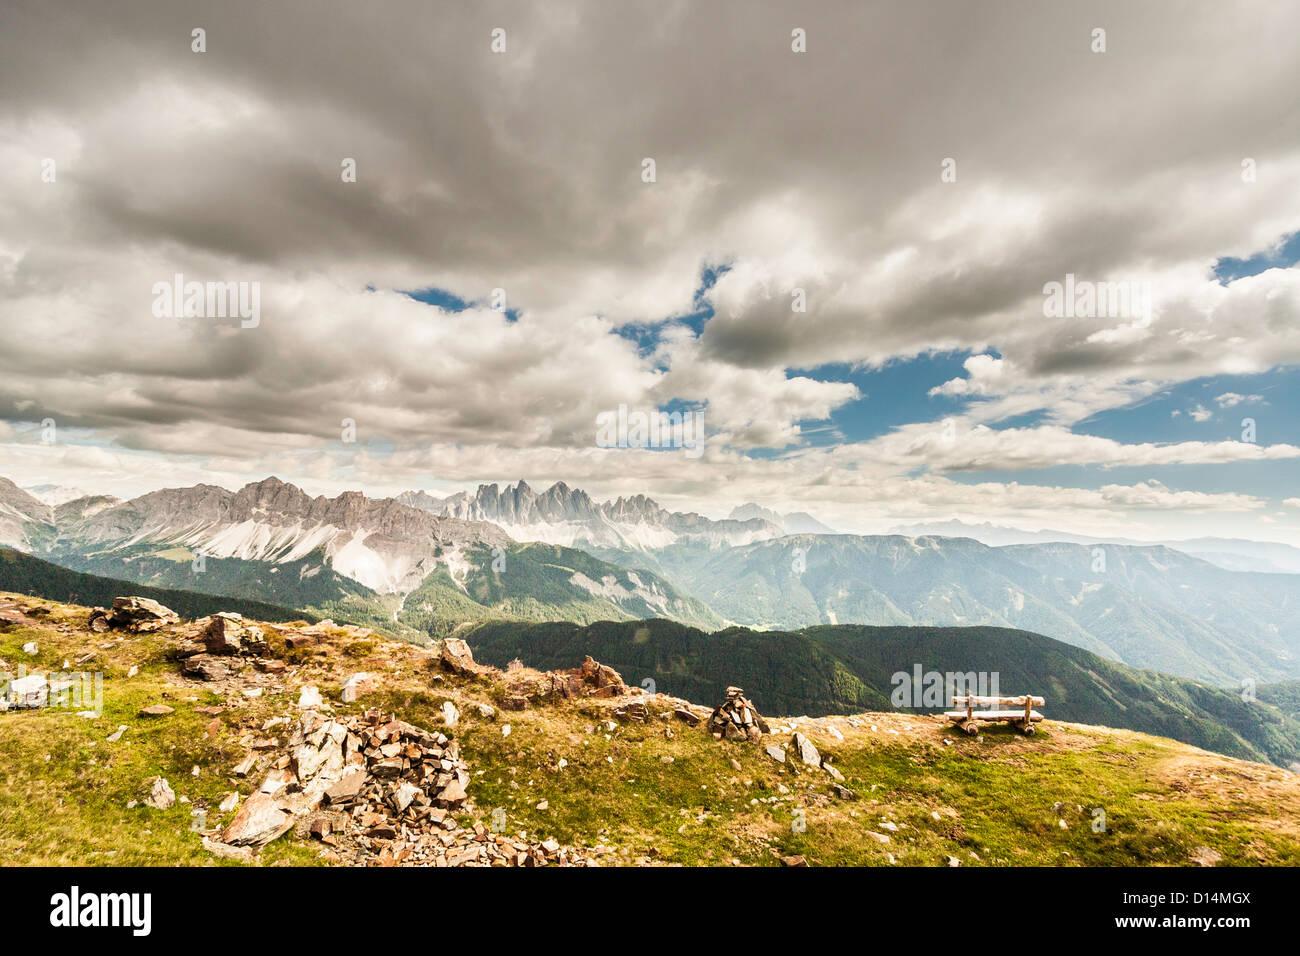 Nuages sur grassy rural landscape Photo Stock